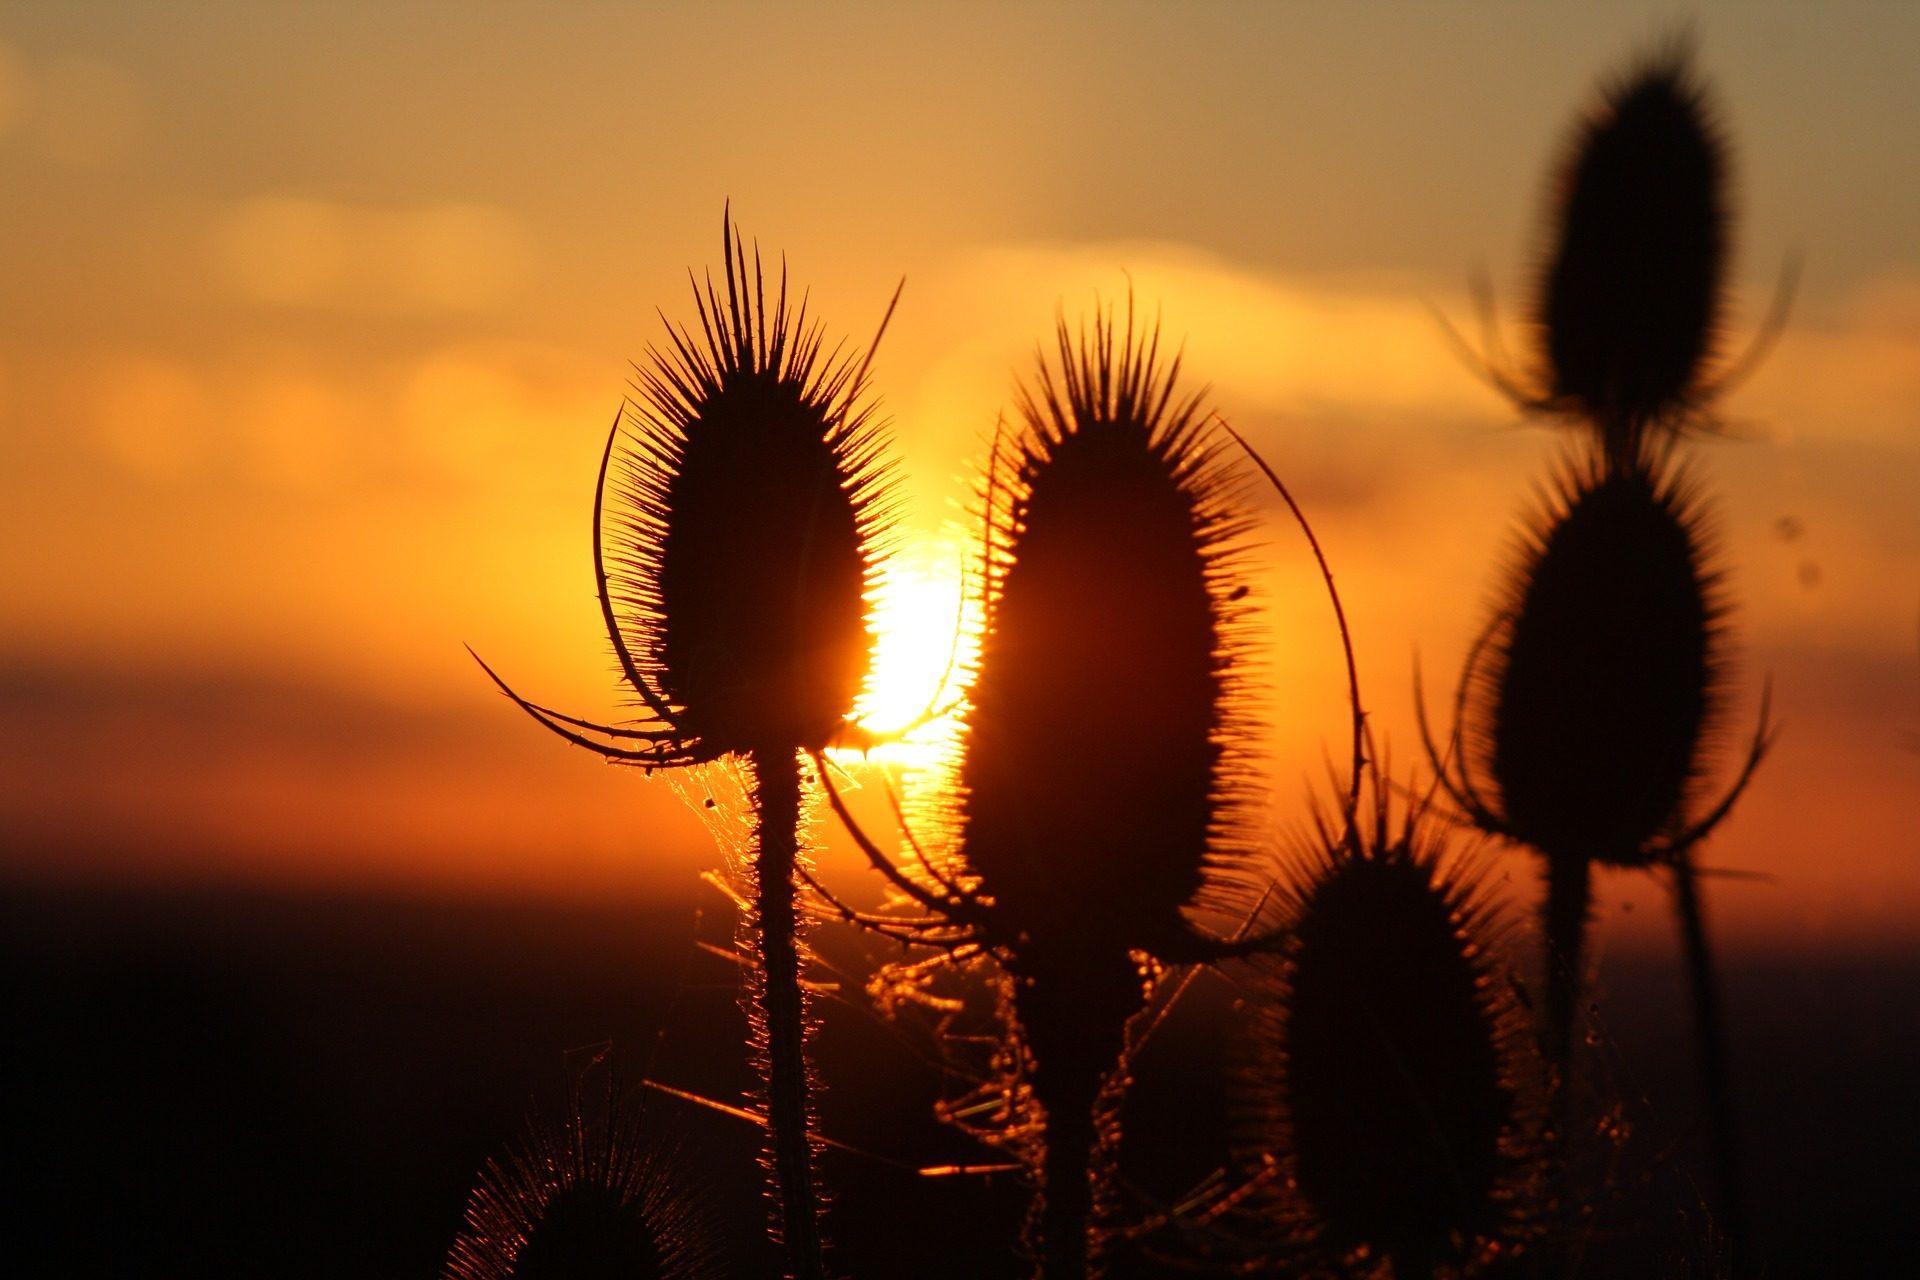 Feld, Sonnenuntergang, Sonne, Licht, Distel, Pflanzen, Schatten, Silhouetten - Wallpaper HD - Prof.-falken.com